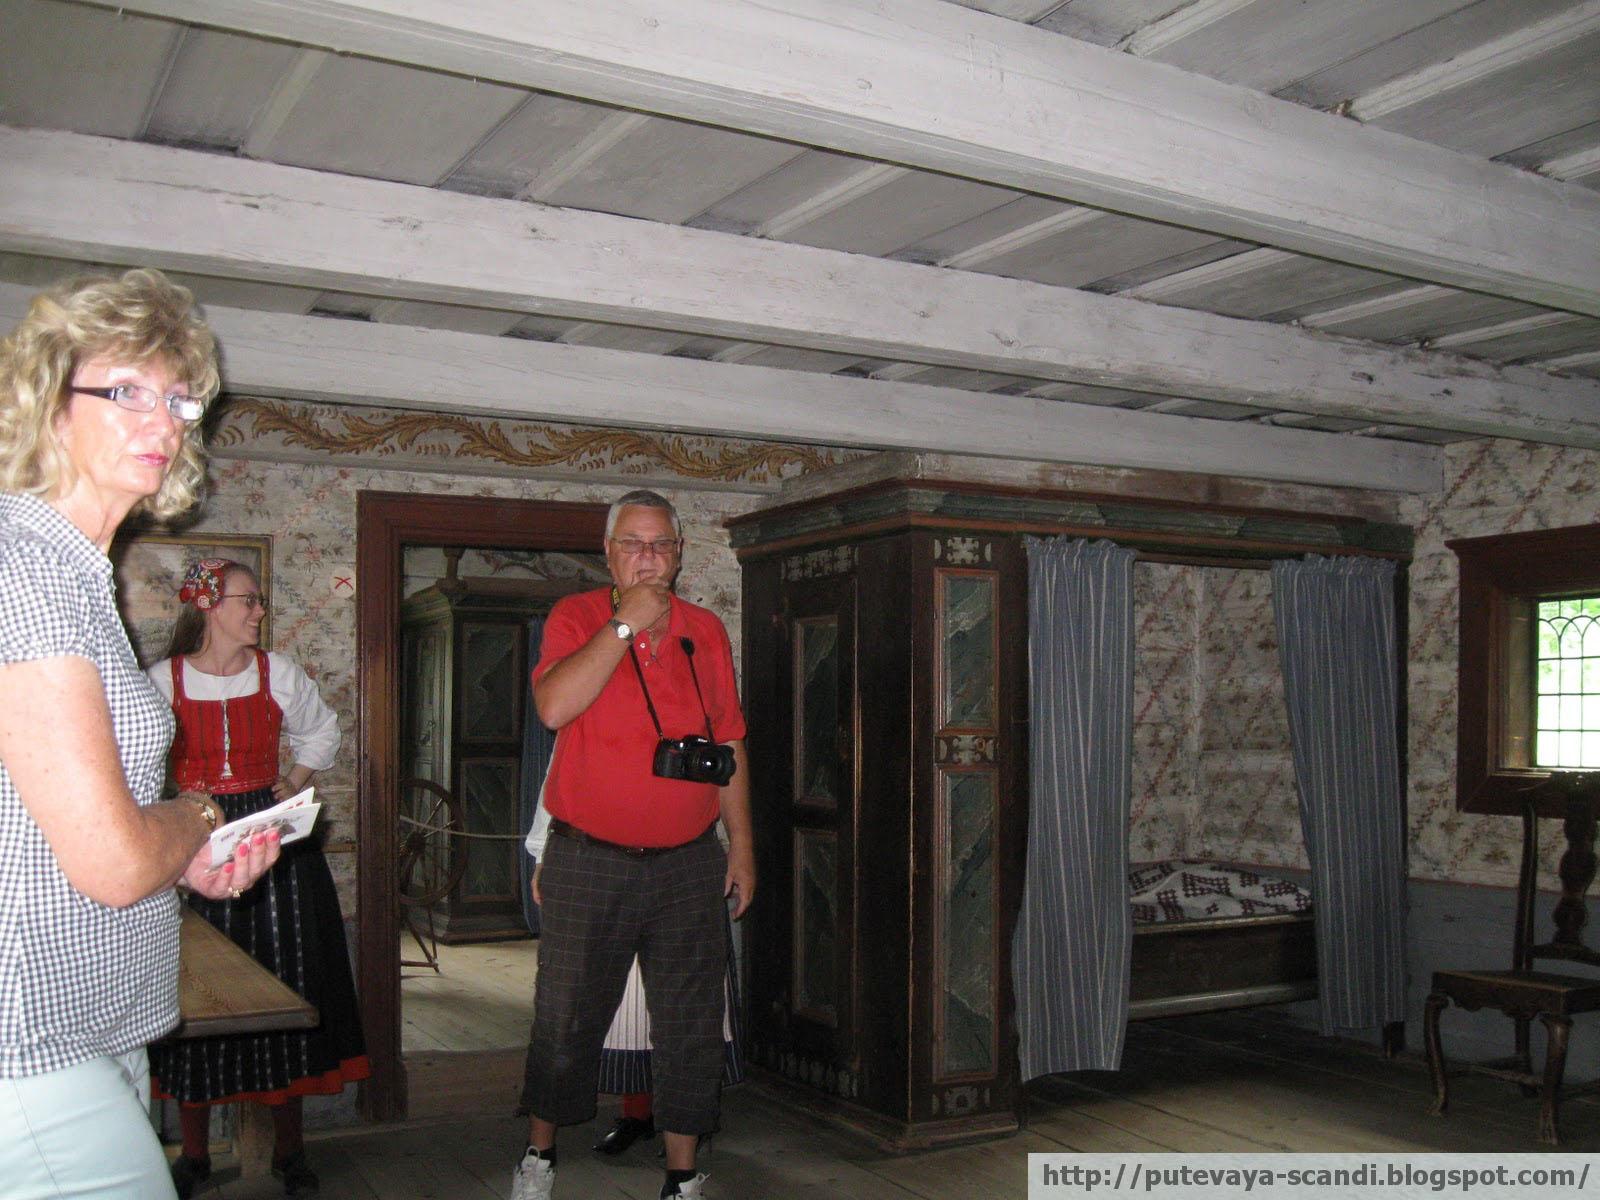 туристы в старинном доме в Скансене